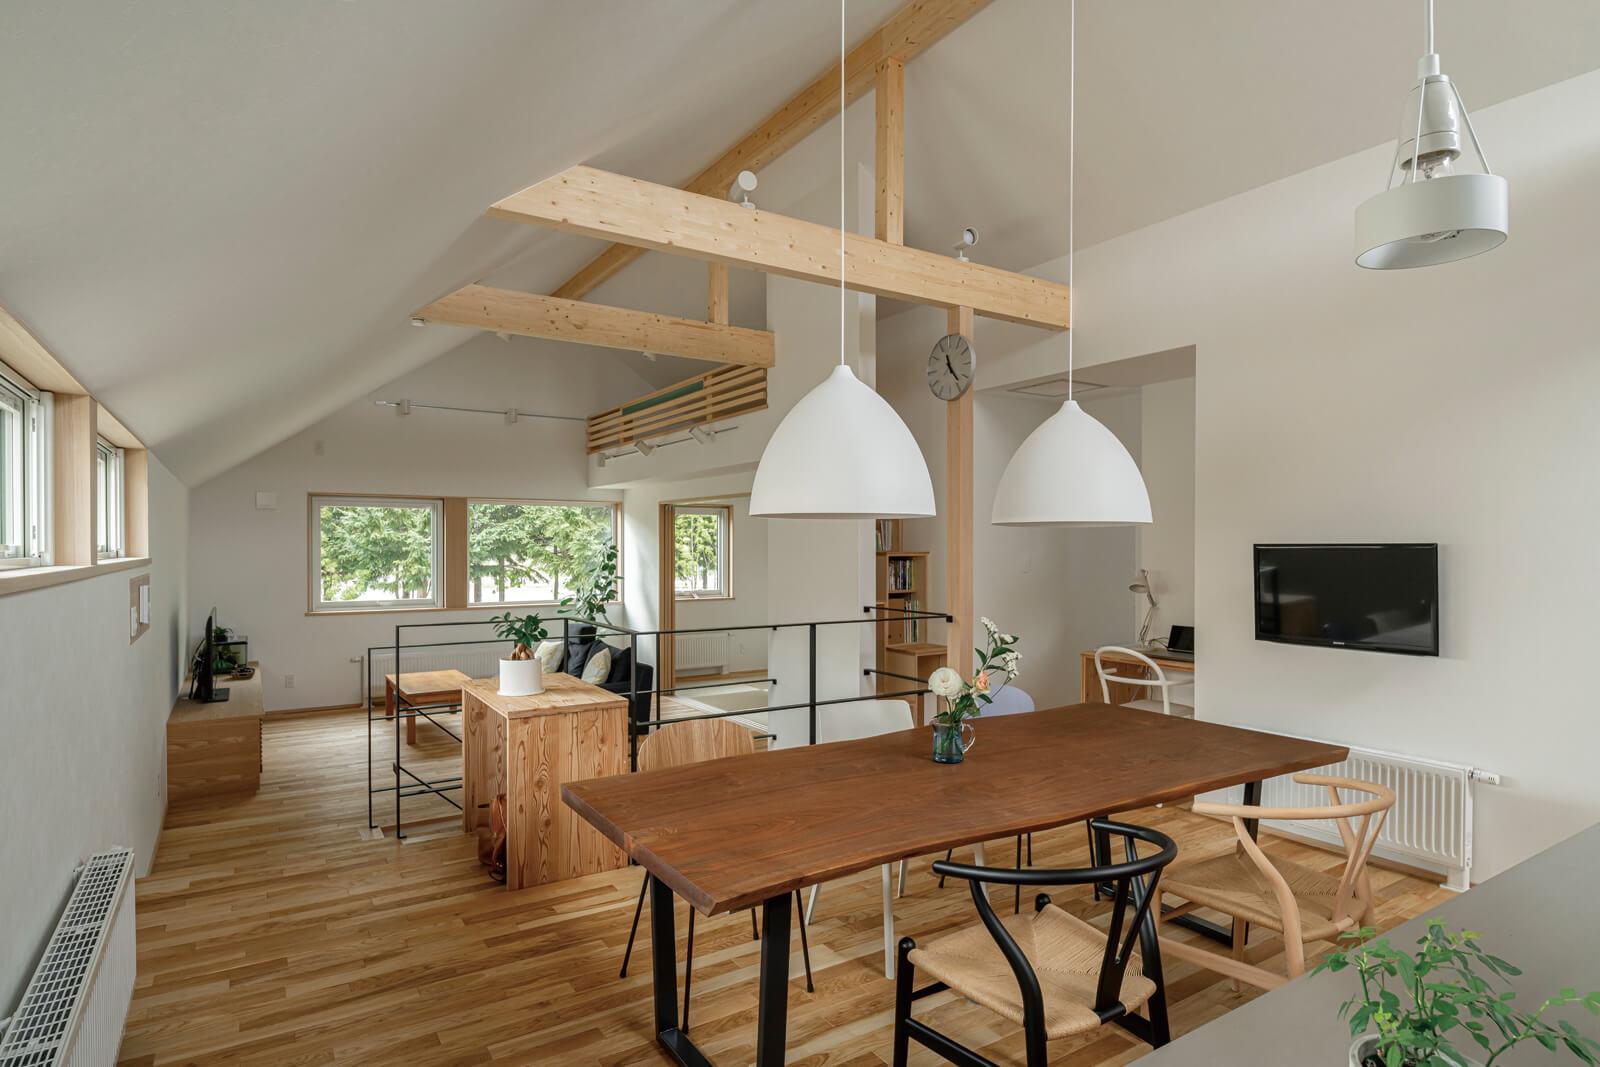 キッチンから見た2階LDKの全景。ウッドオイル仕上げとホワイトのコントラストにブックマッチのウォールナットテーブルが映える